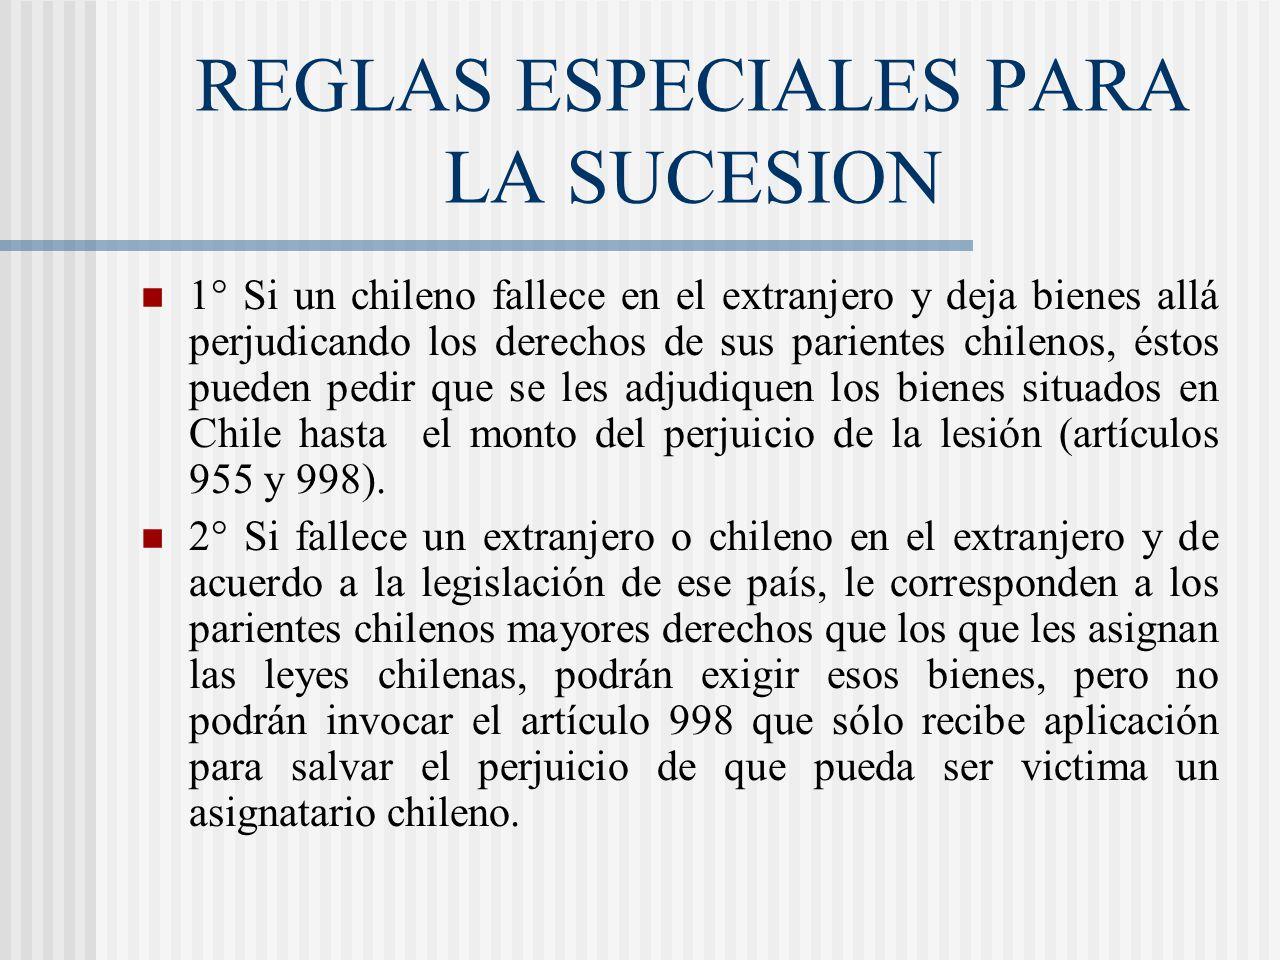 REGLAS ESPECIALES PARA LA SUCESION